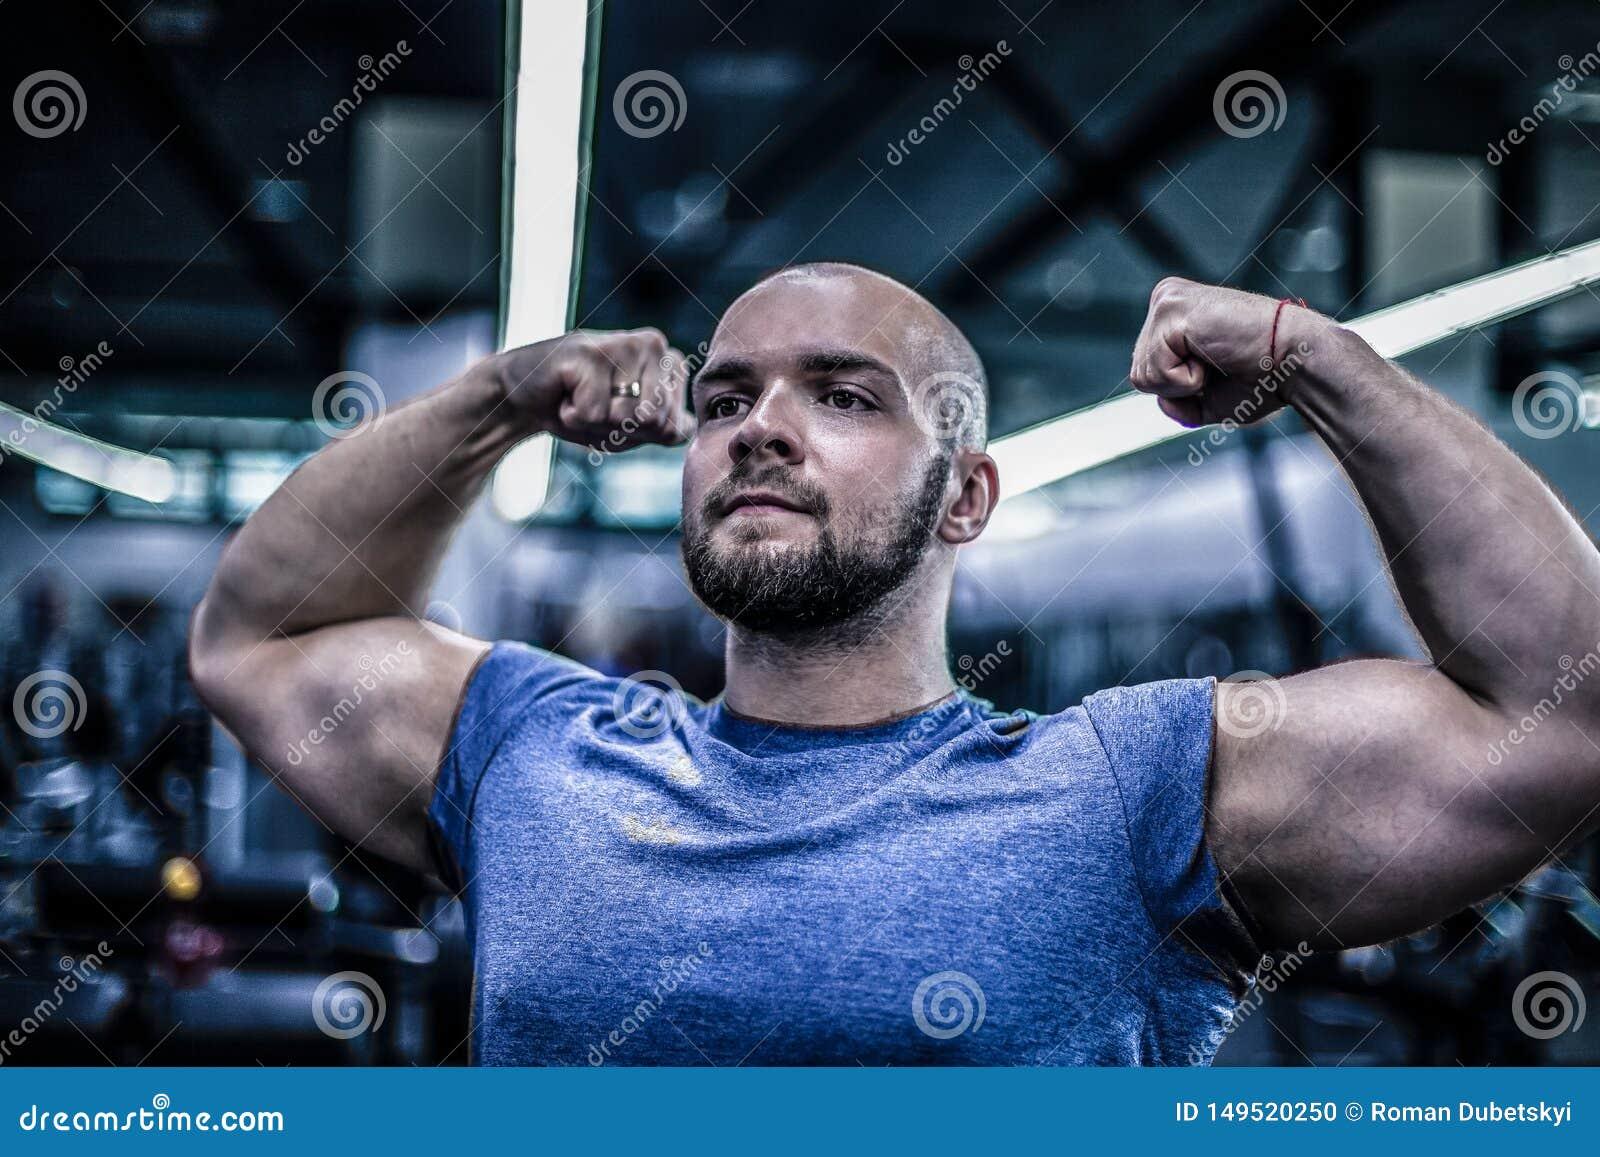 Portret van een ernstige bodybuilder met een kaal hoofd toont uw bicepsen de training was succesvol